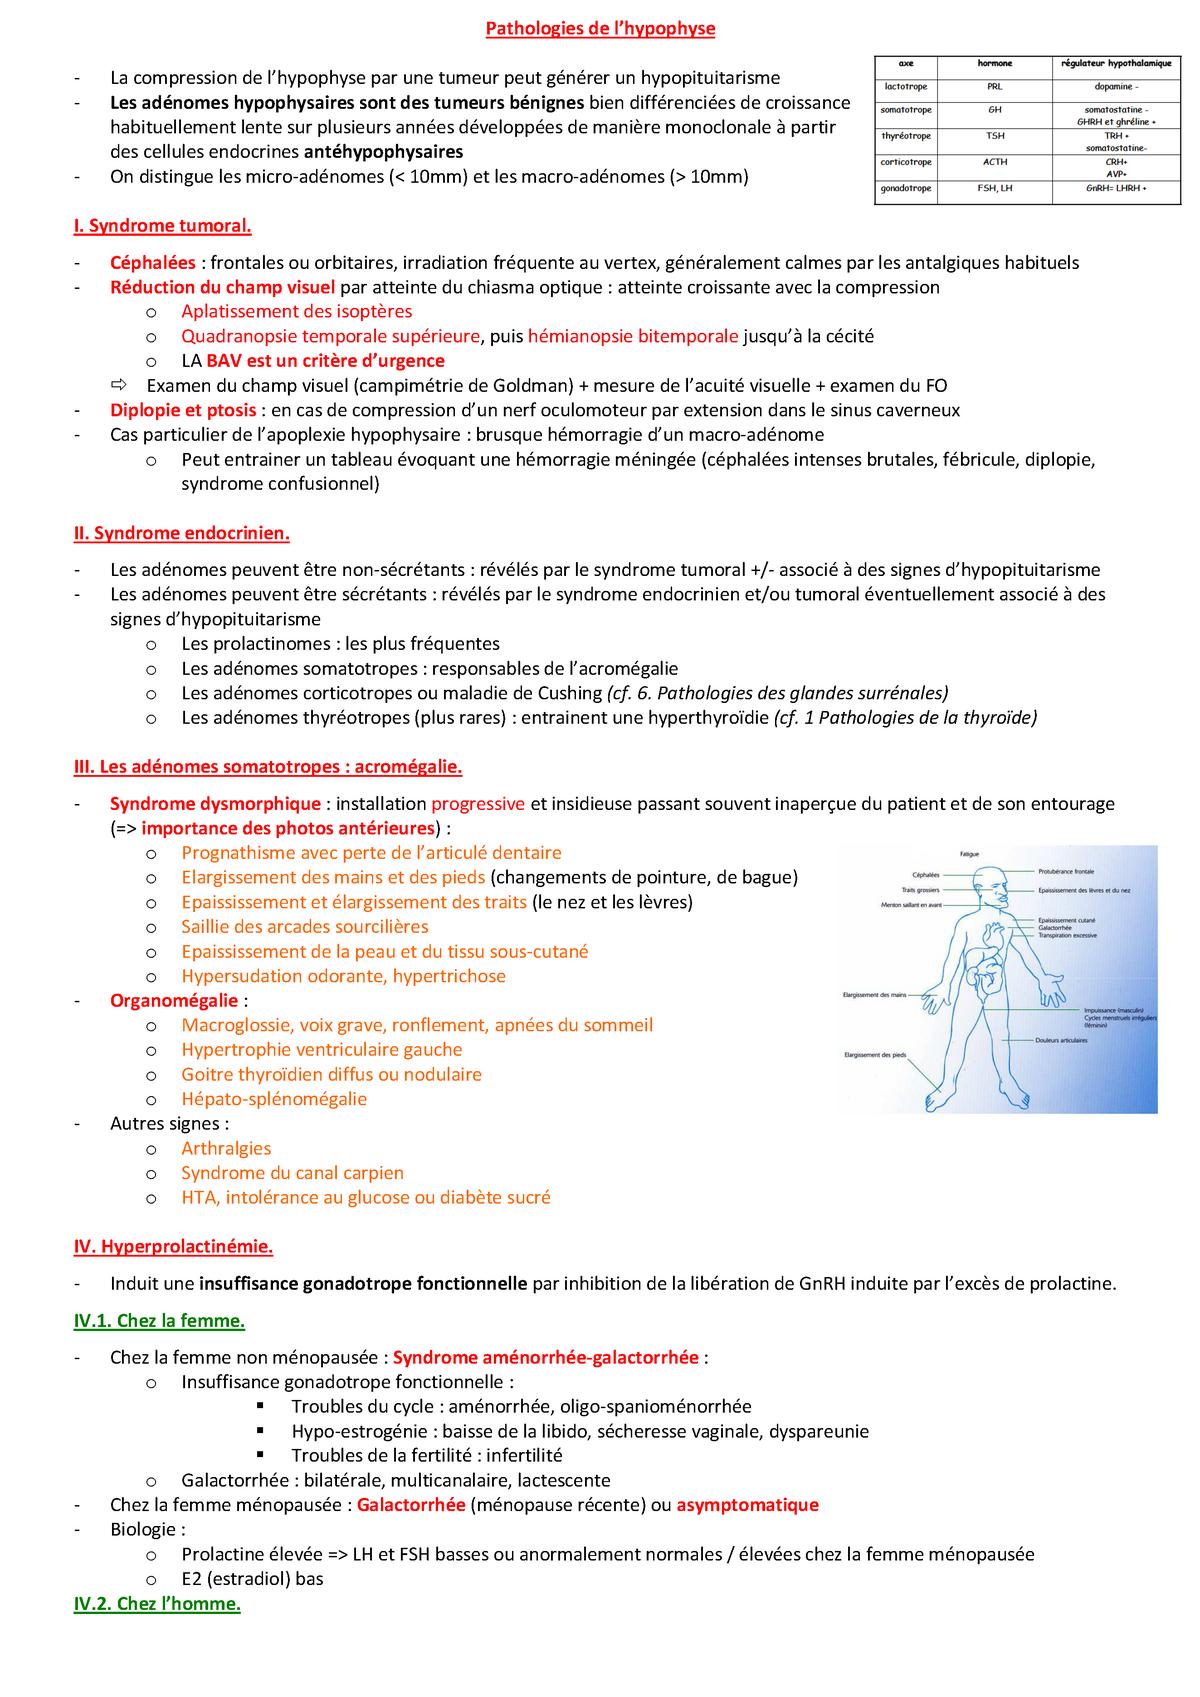 Pathologies de l'hypophyse - Pathologies infectieuses - StuDocu